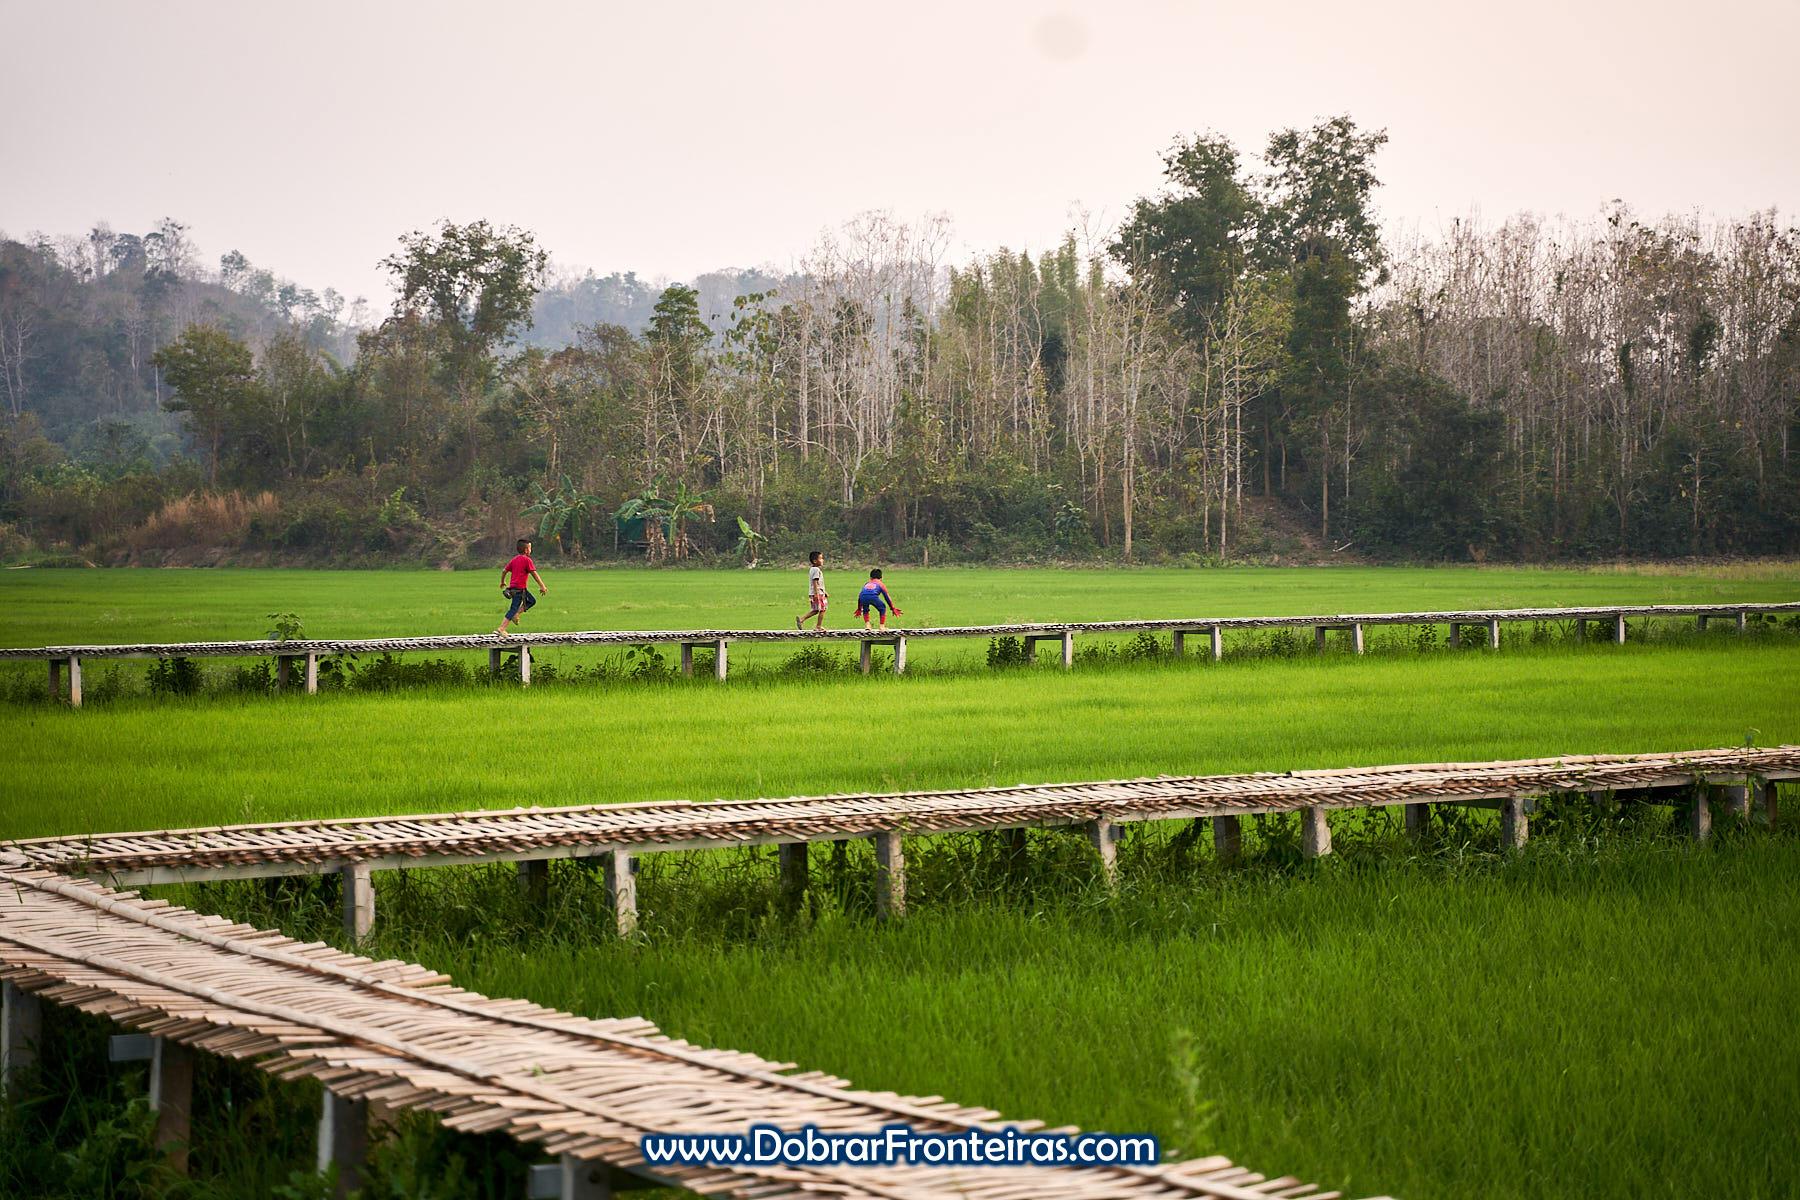 crianças a brincar em passadiço de bambu sobre campos de arroz na Tailândia